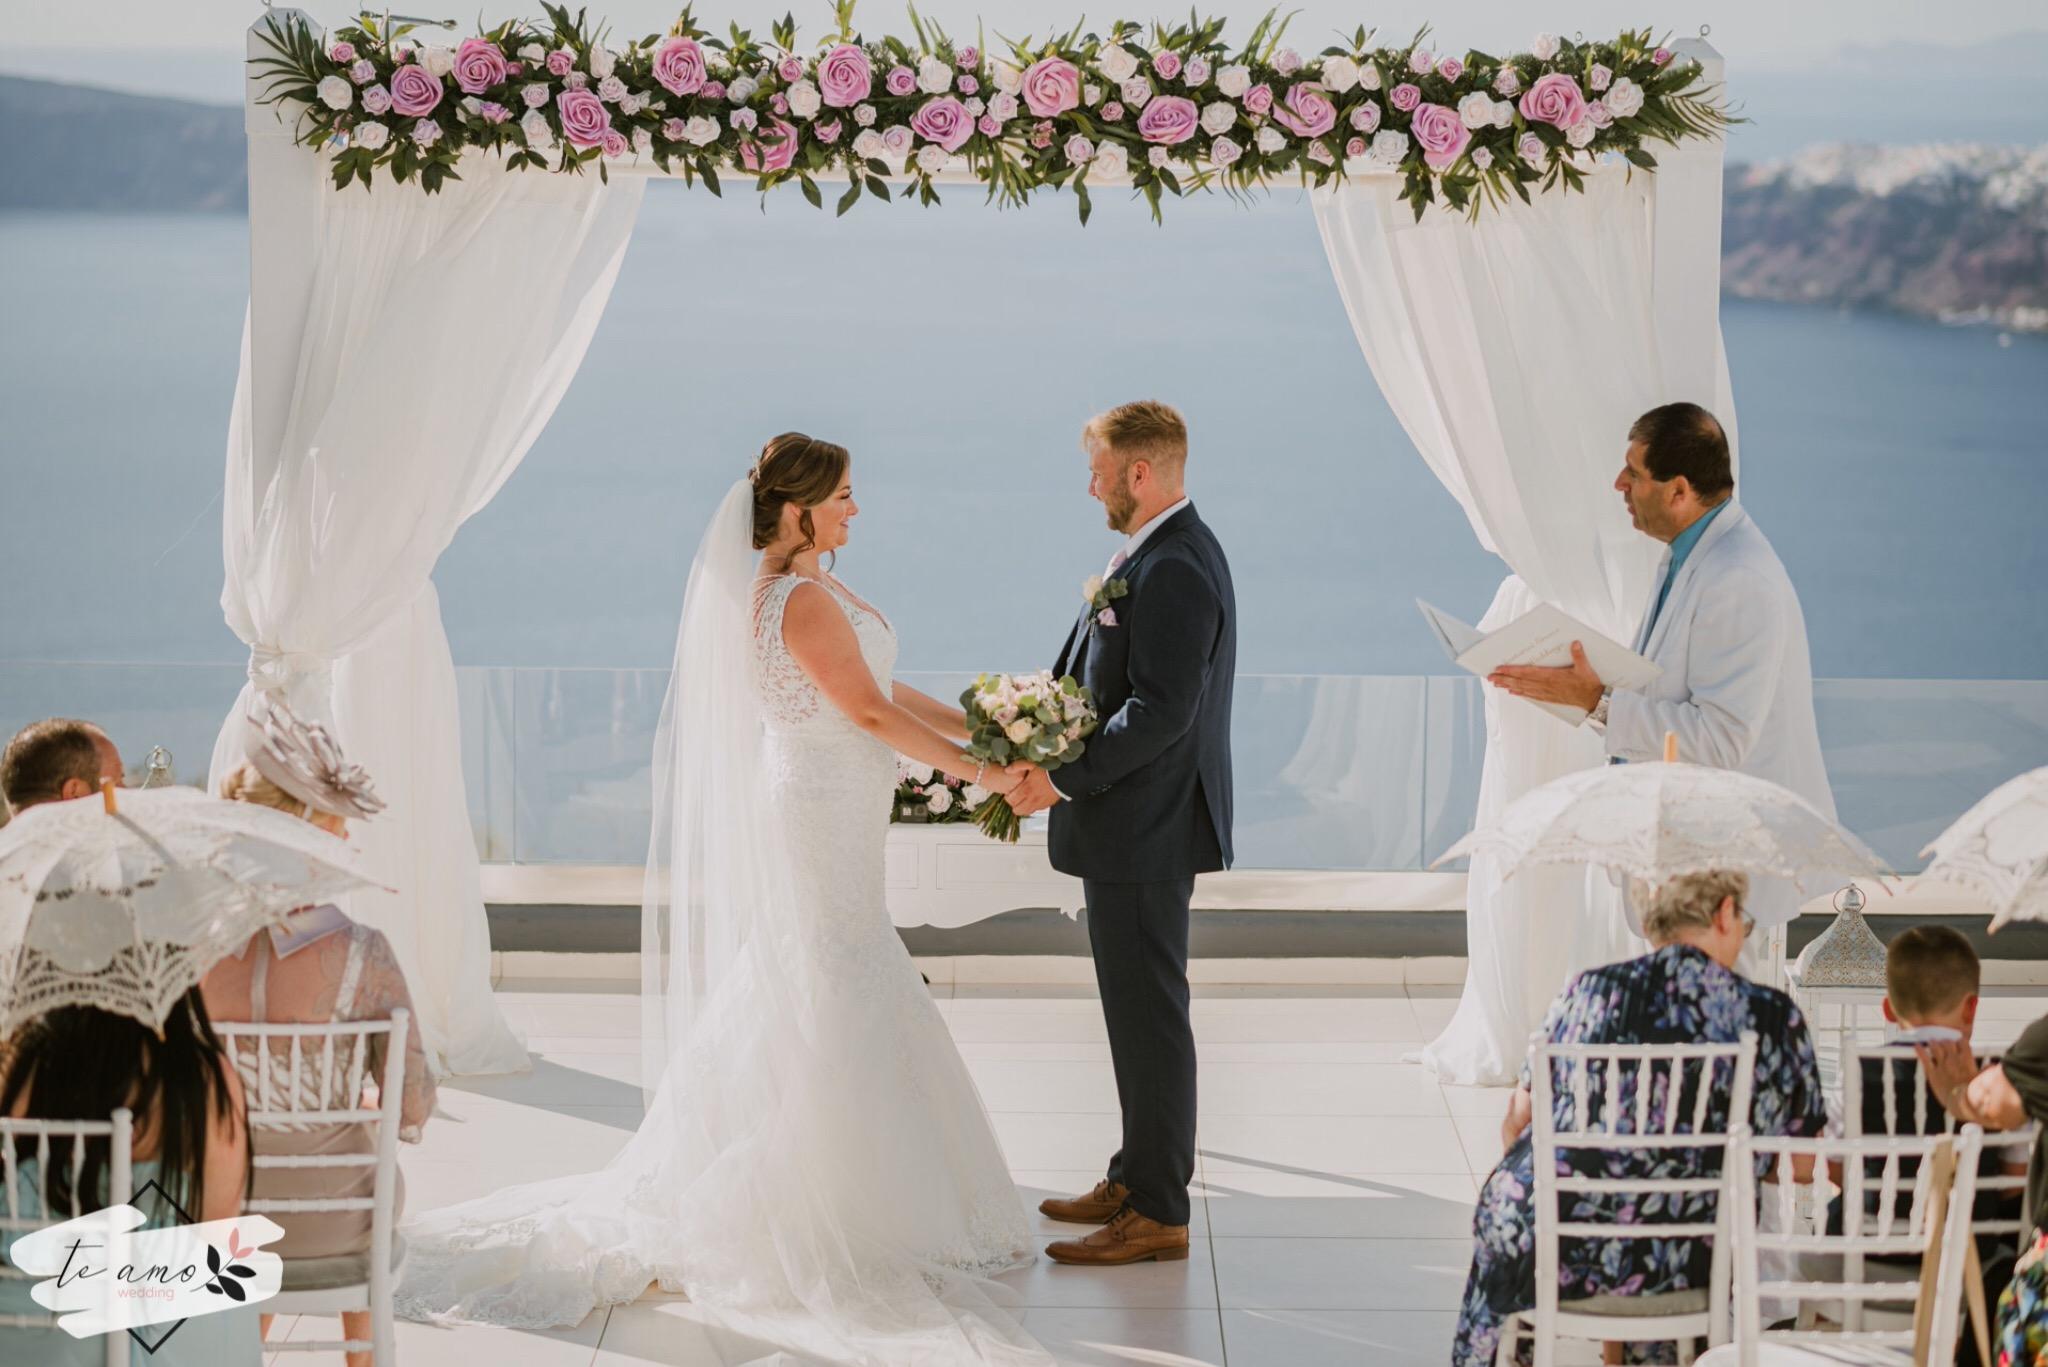 Lauren&Jake | Te Amo Wedding